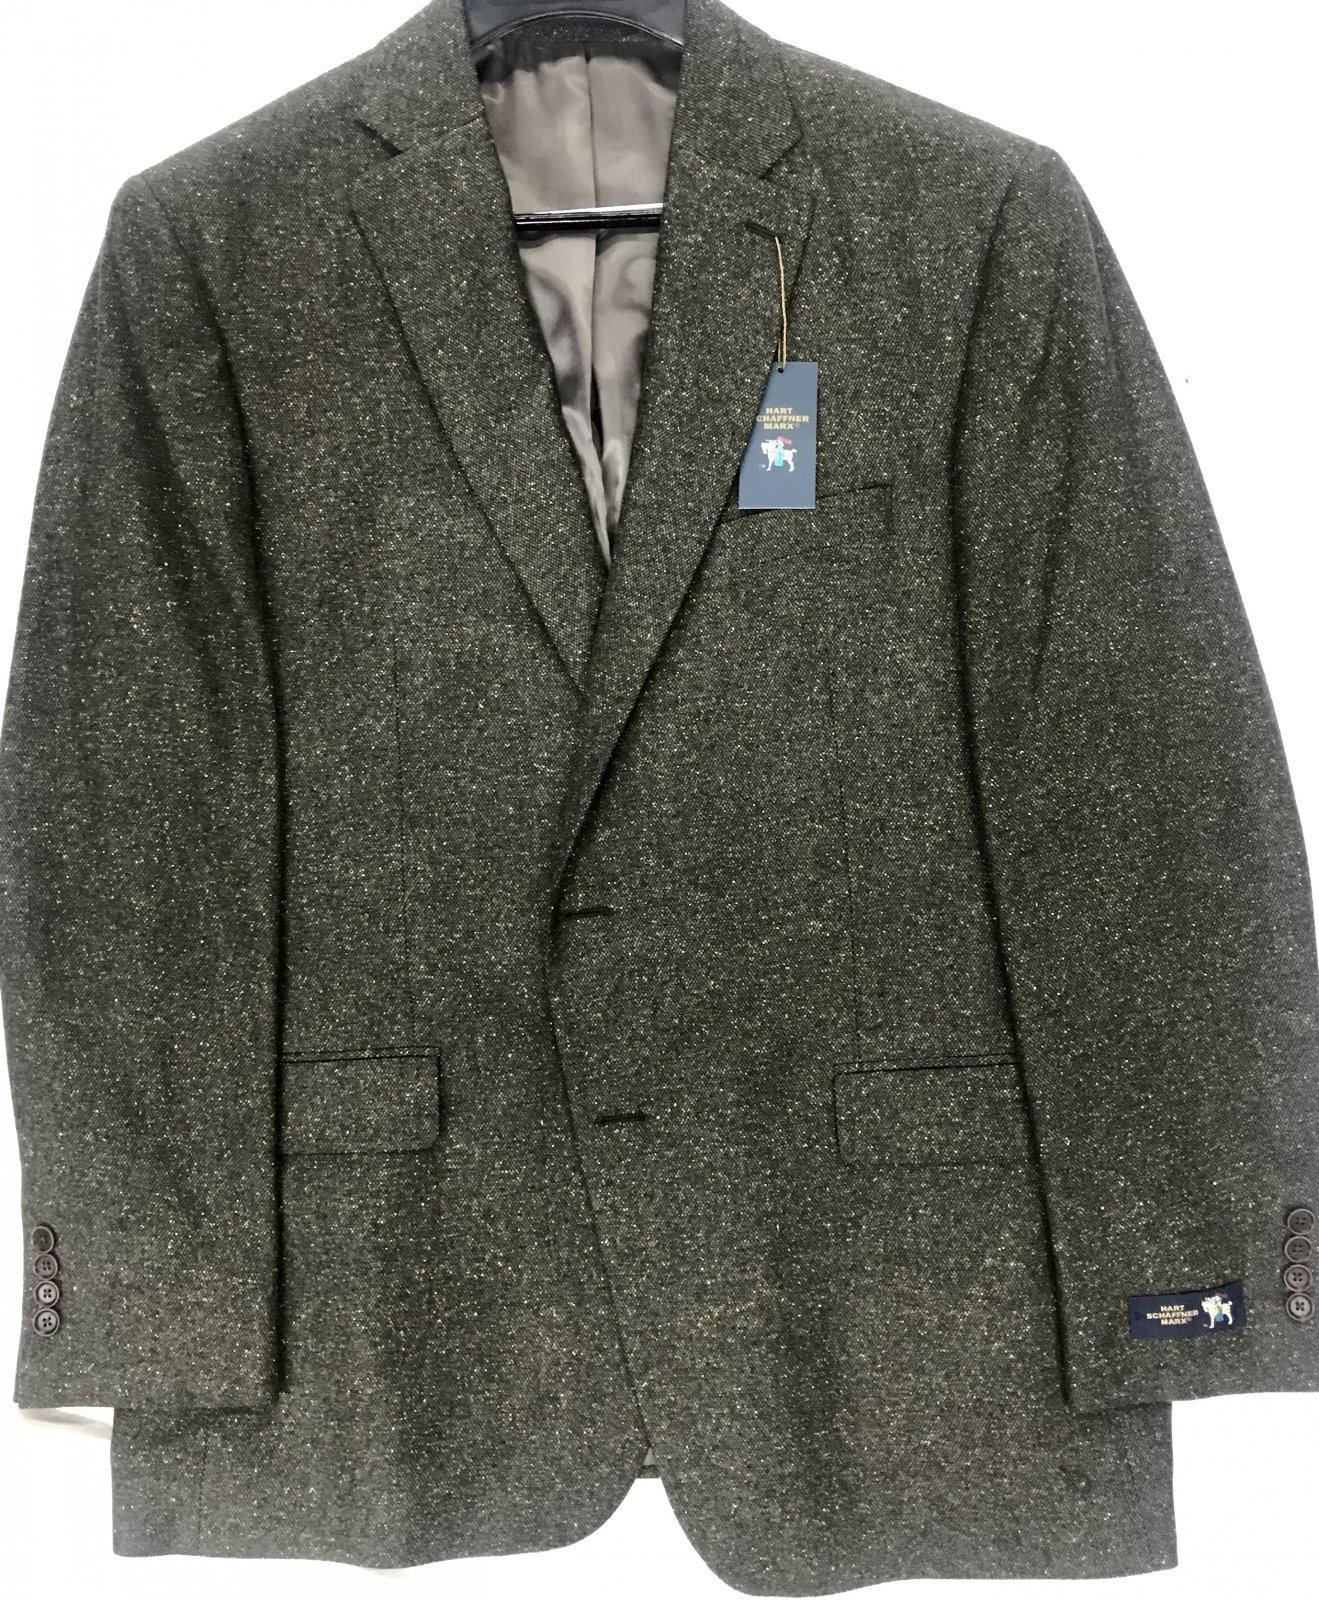 Hart Schaffner Marx Olive Donegal Sportcoat